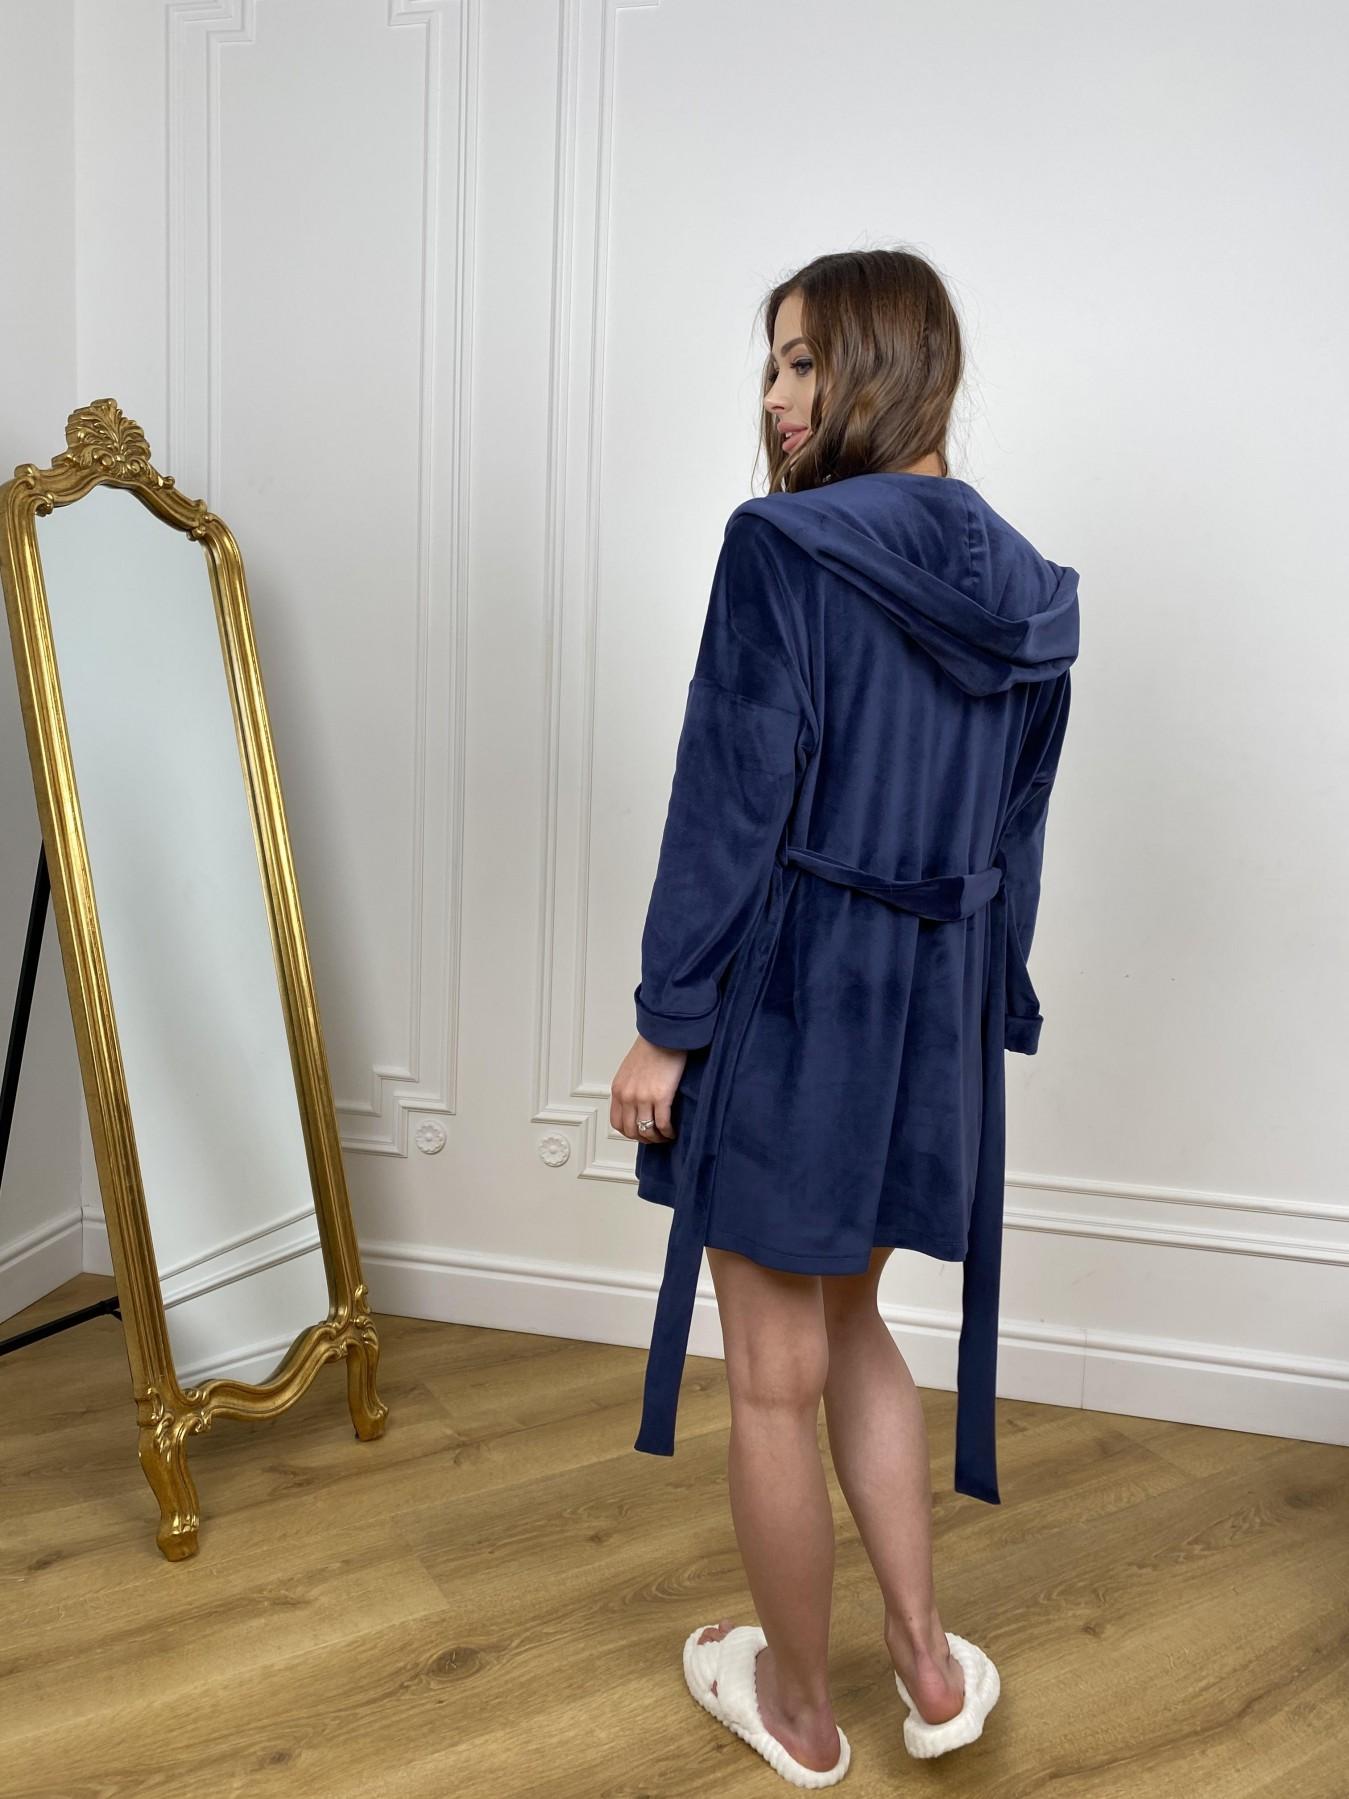 Фабьен мини халат из велюровой ткани 10516 АРТ. 46864 Цвет: т. синий - фото 10, интернет магазин tm-modus.ru